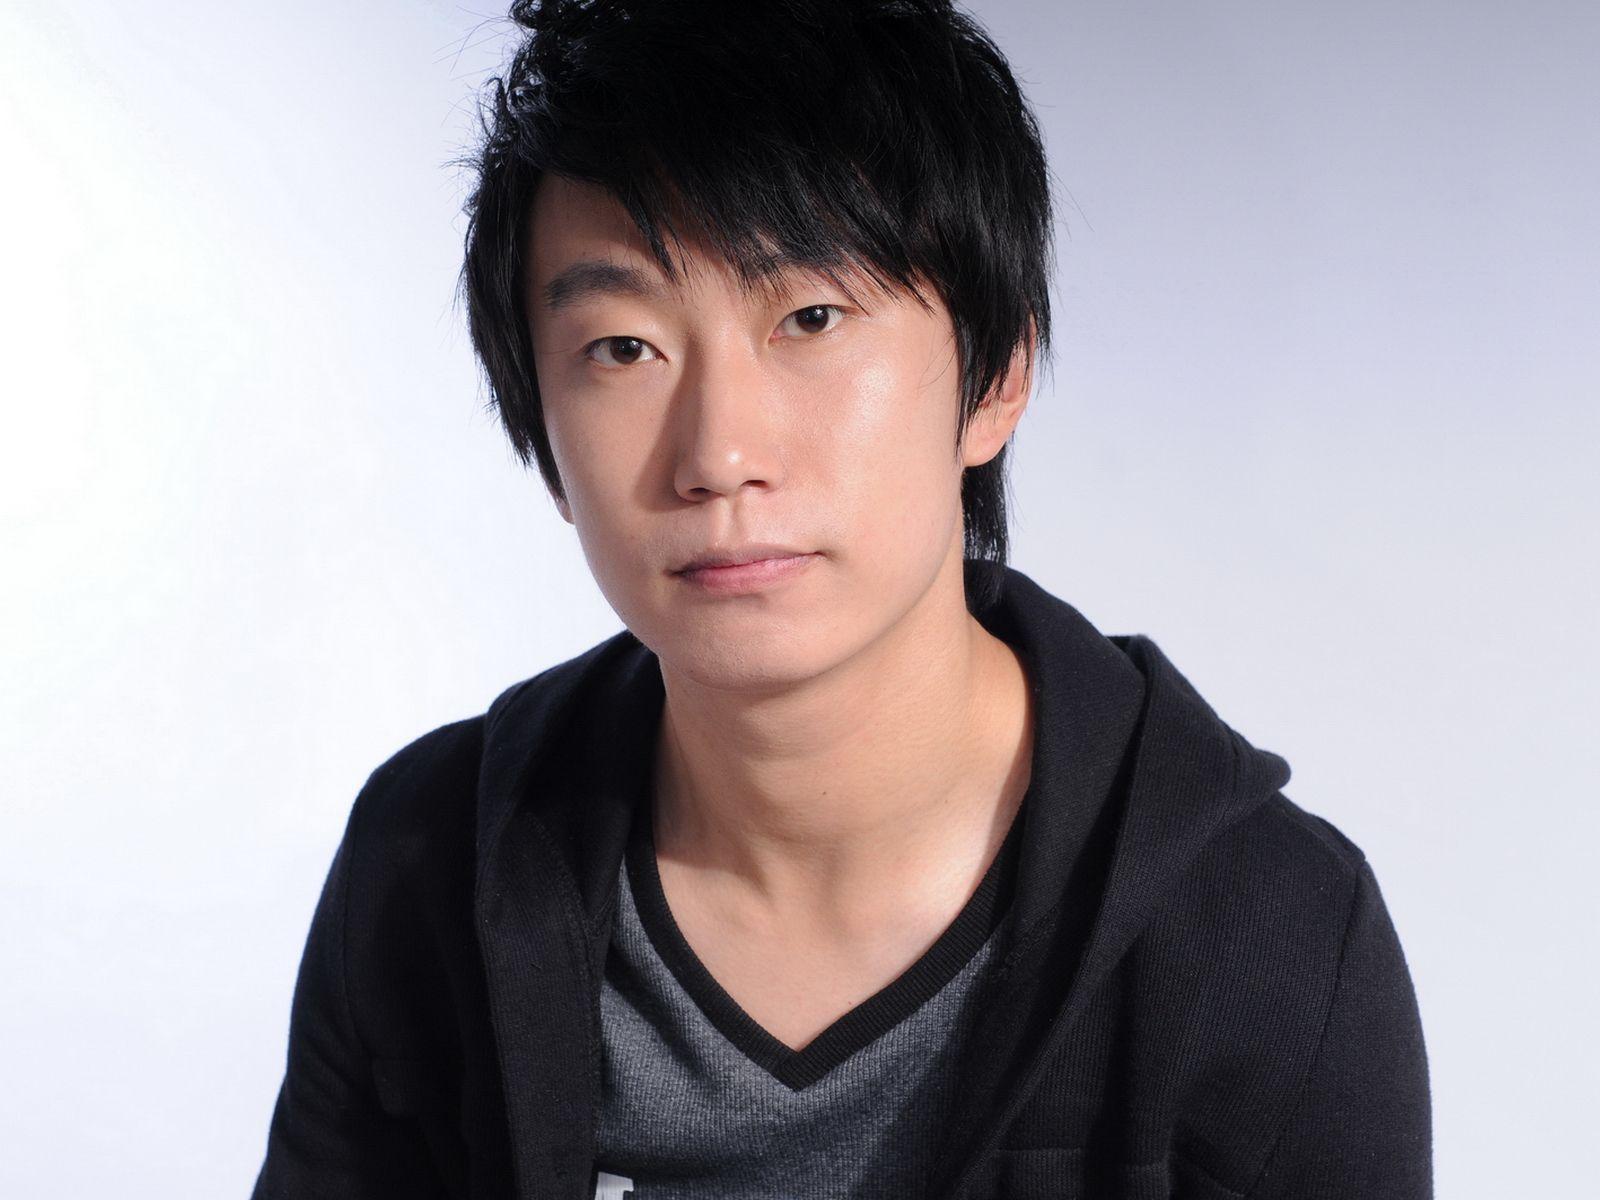 华人男歌手 内地男歌手 姜佑泽 20张写真照片